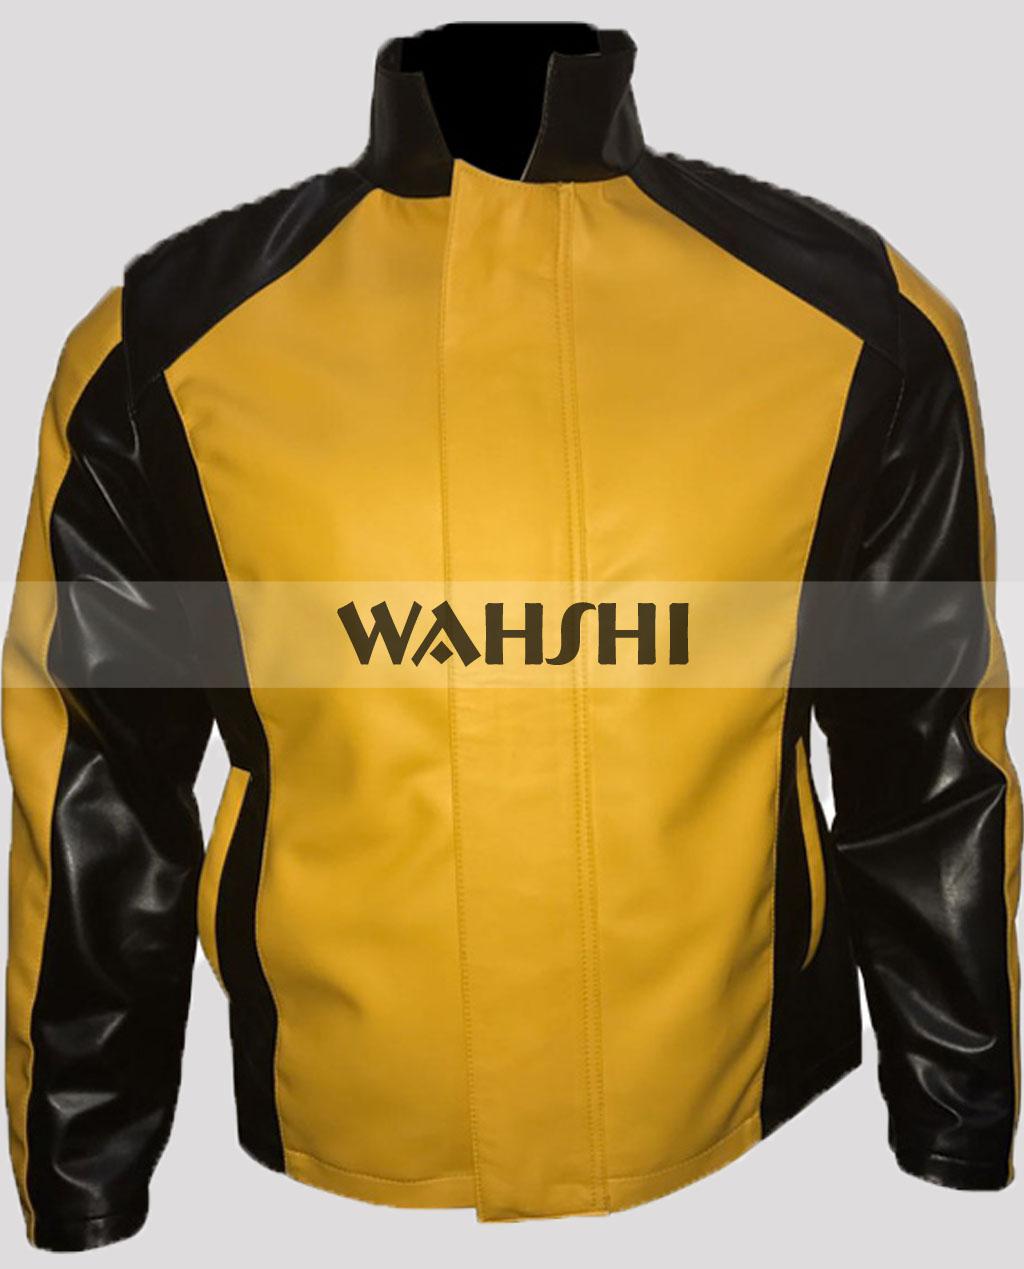 Infamous-cole-macgrath-costume